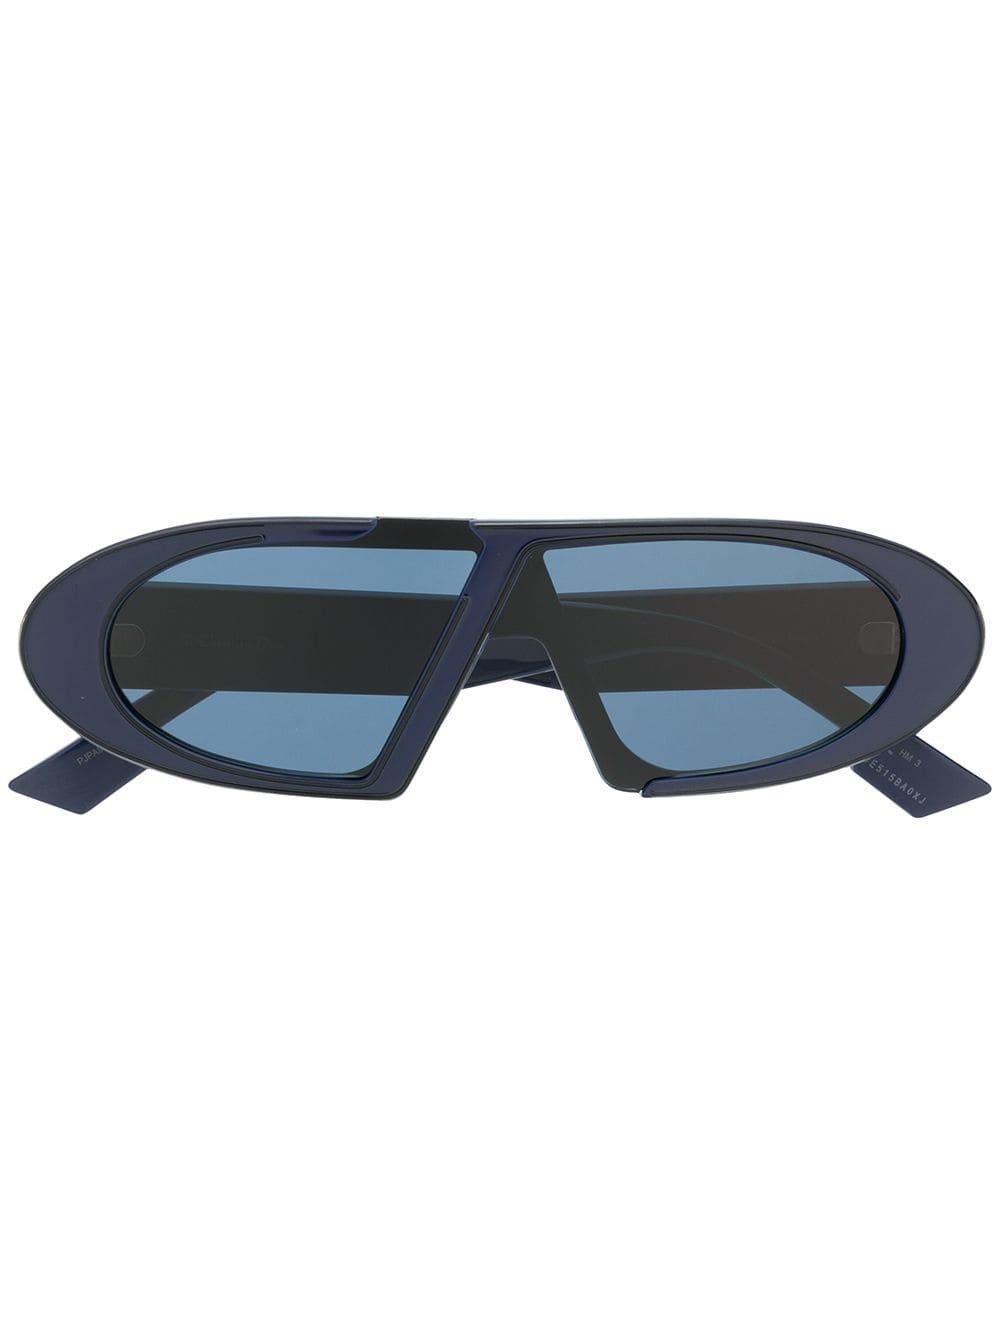 Dior Eyewear Oblique Sunglasses - Farfetch